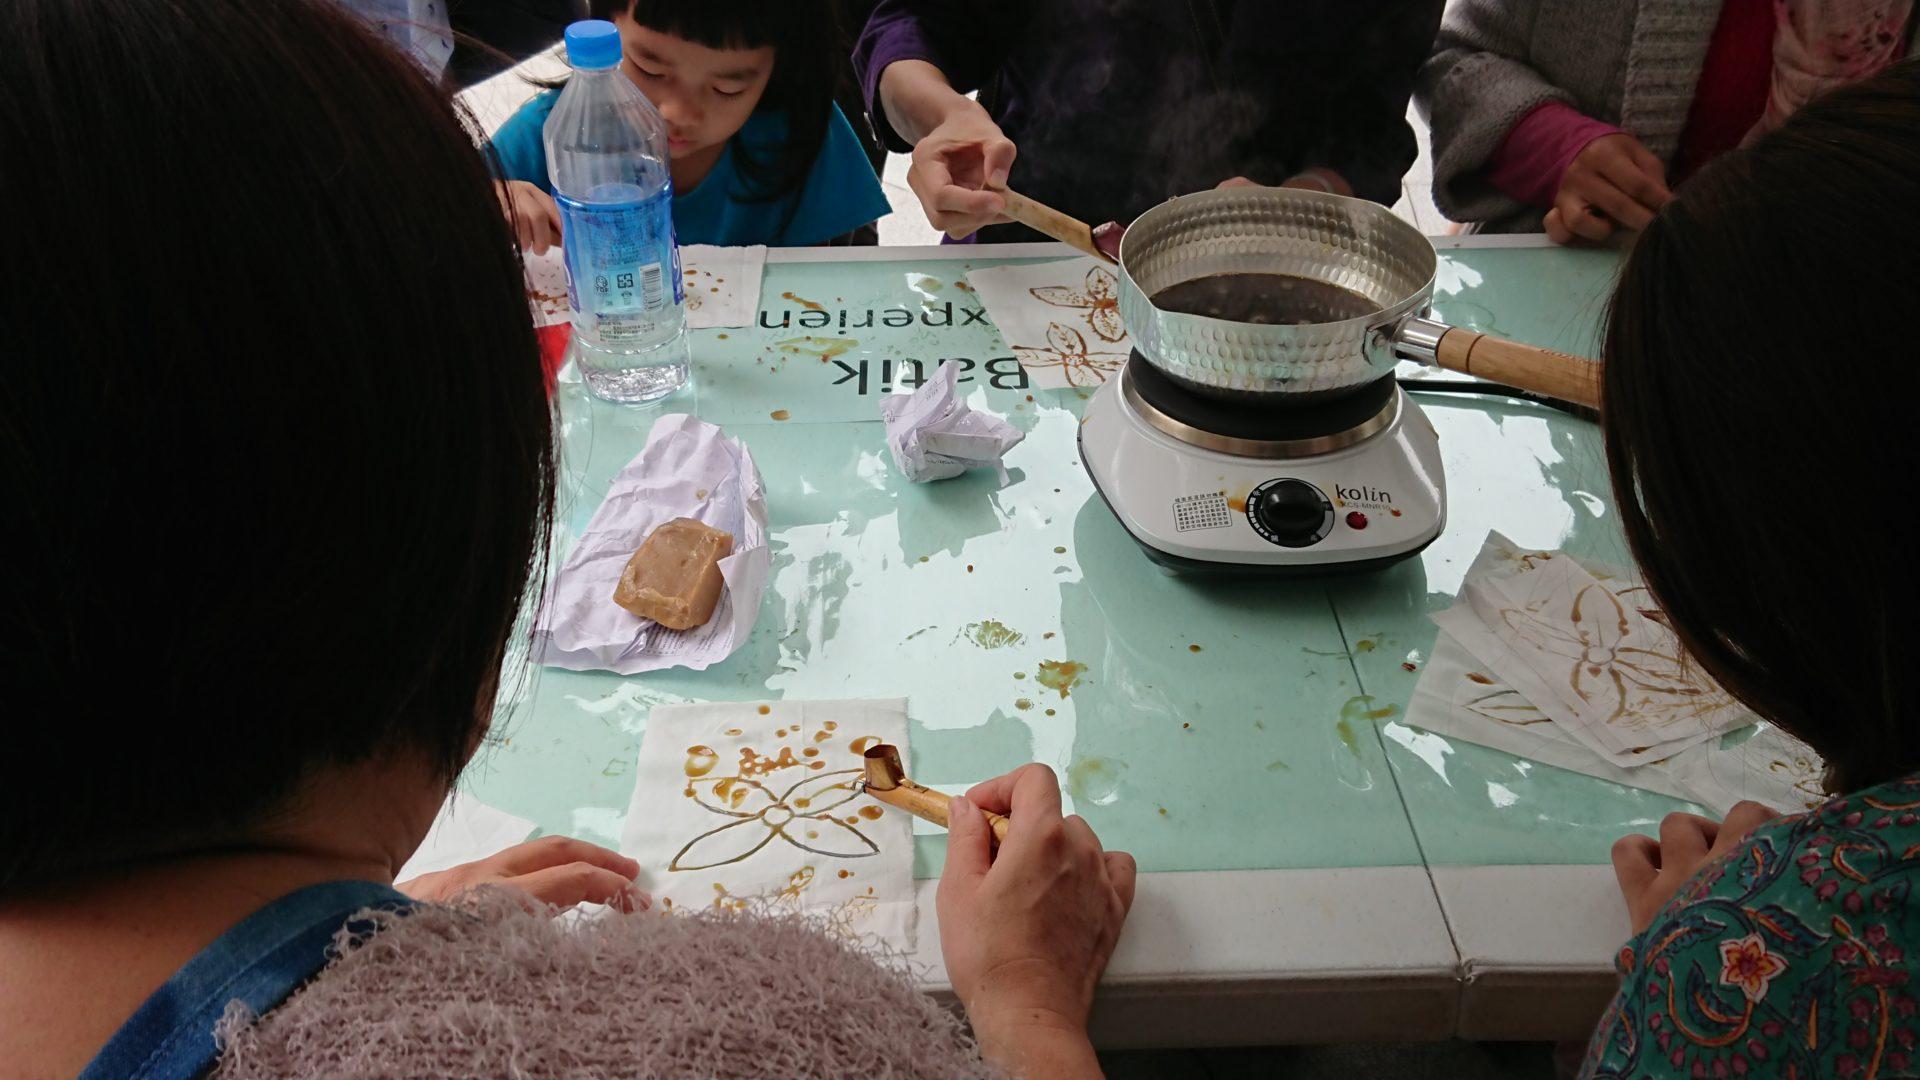 蠟染技藝體驗,用蠟染筆裝取鍋裡的蠟液,蠟液會從筆的尖端流出,可描繪於布面上。 (攝影:田偲妤)